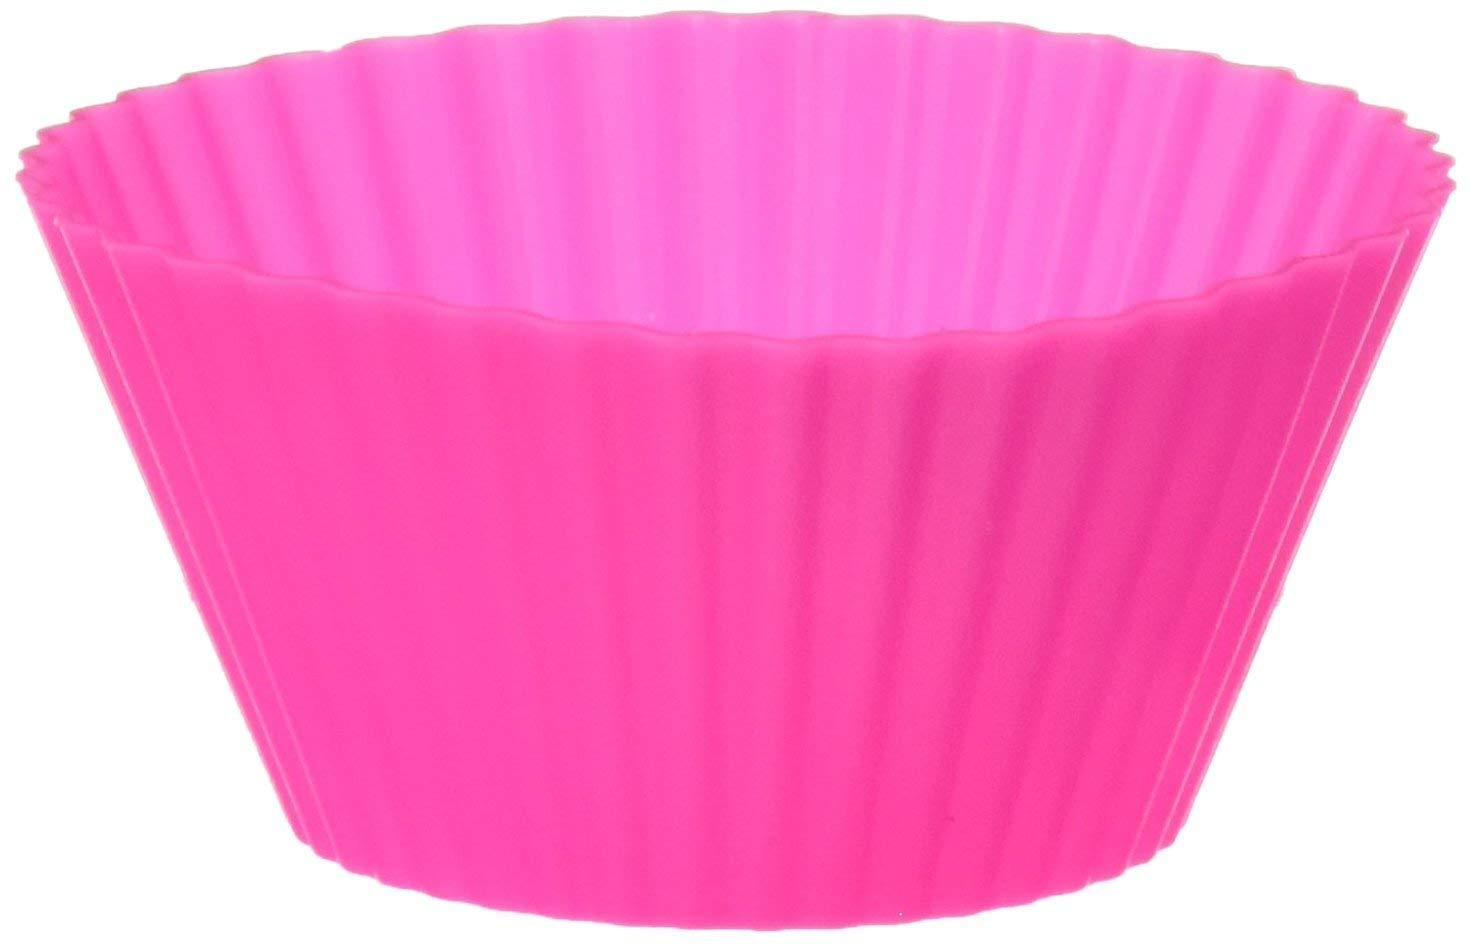 pretty nice 7bda0 c5530 Baking Goodies 12 Piece Reusable Cupcake Cups, Pink